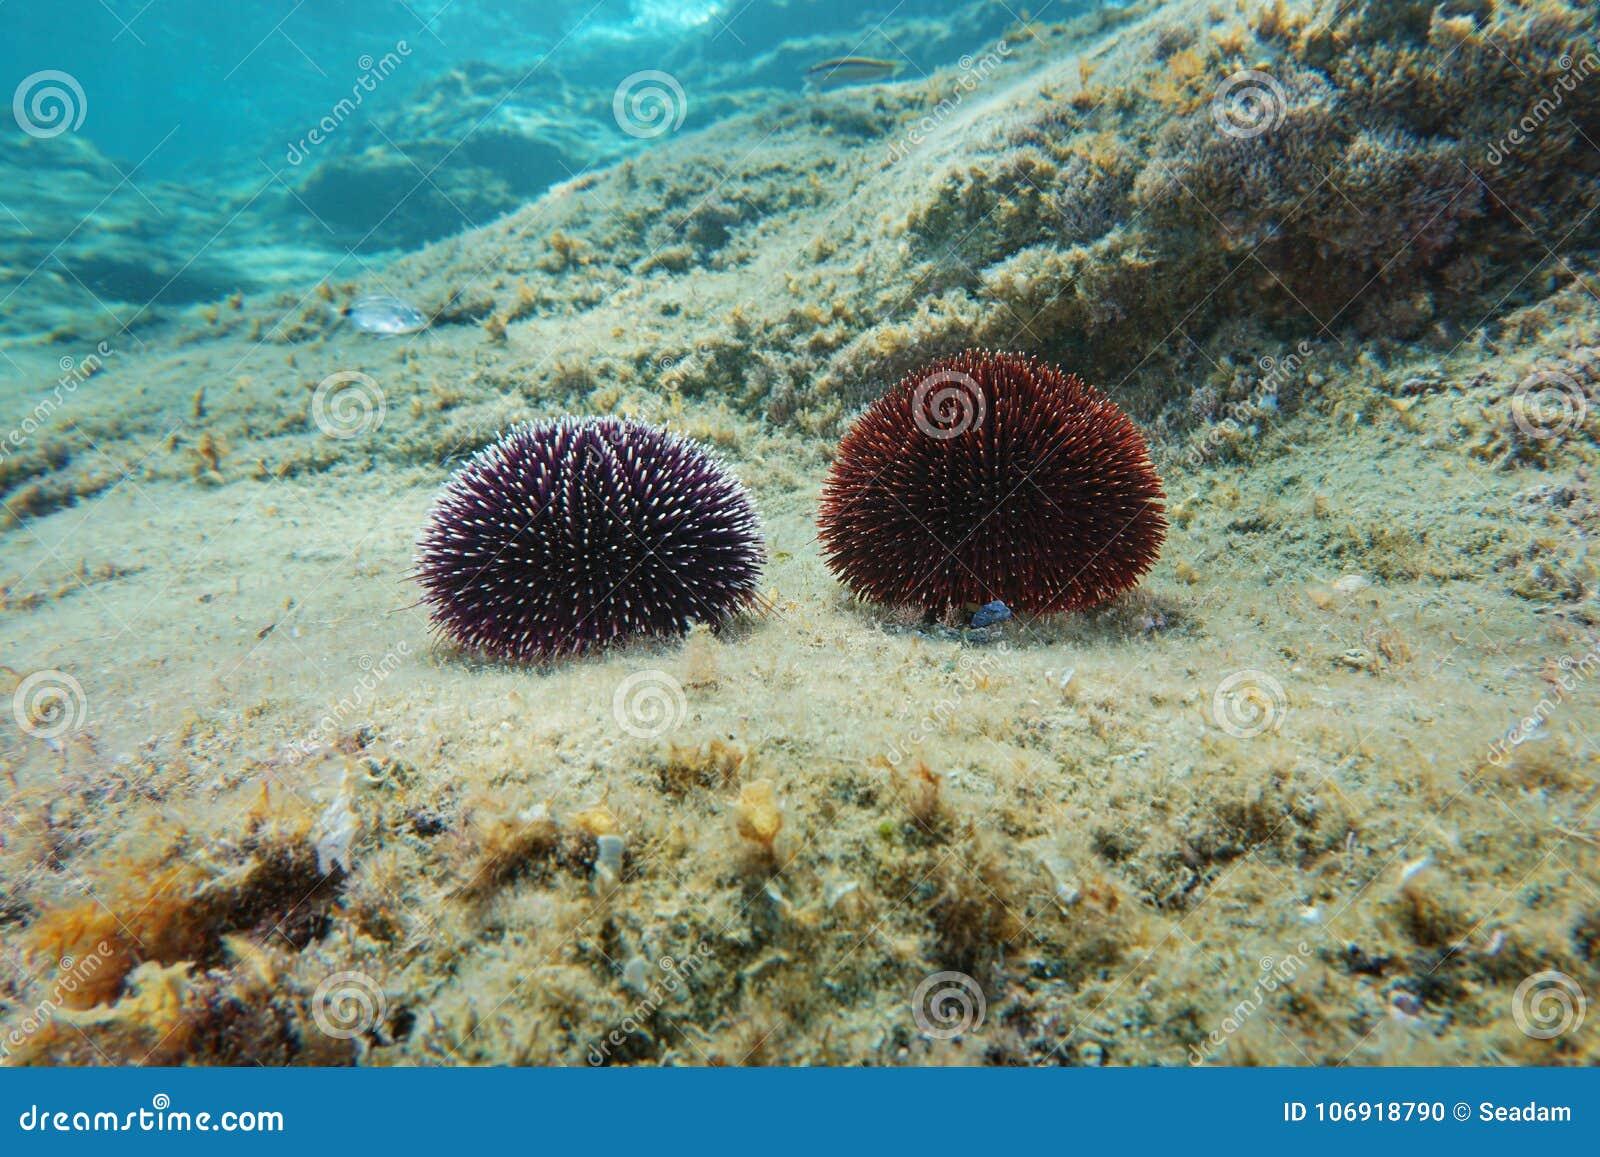 Dennych czesaków Sphaerechinus granularis Śródziemnomorscy